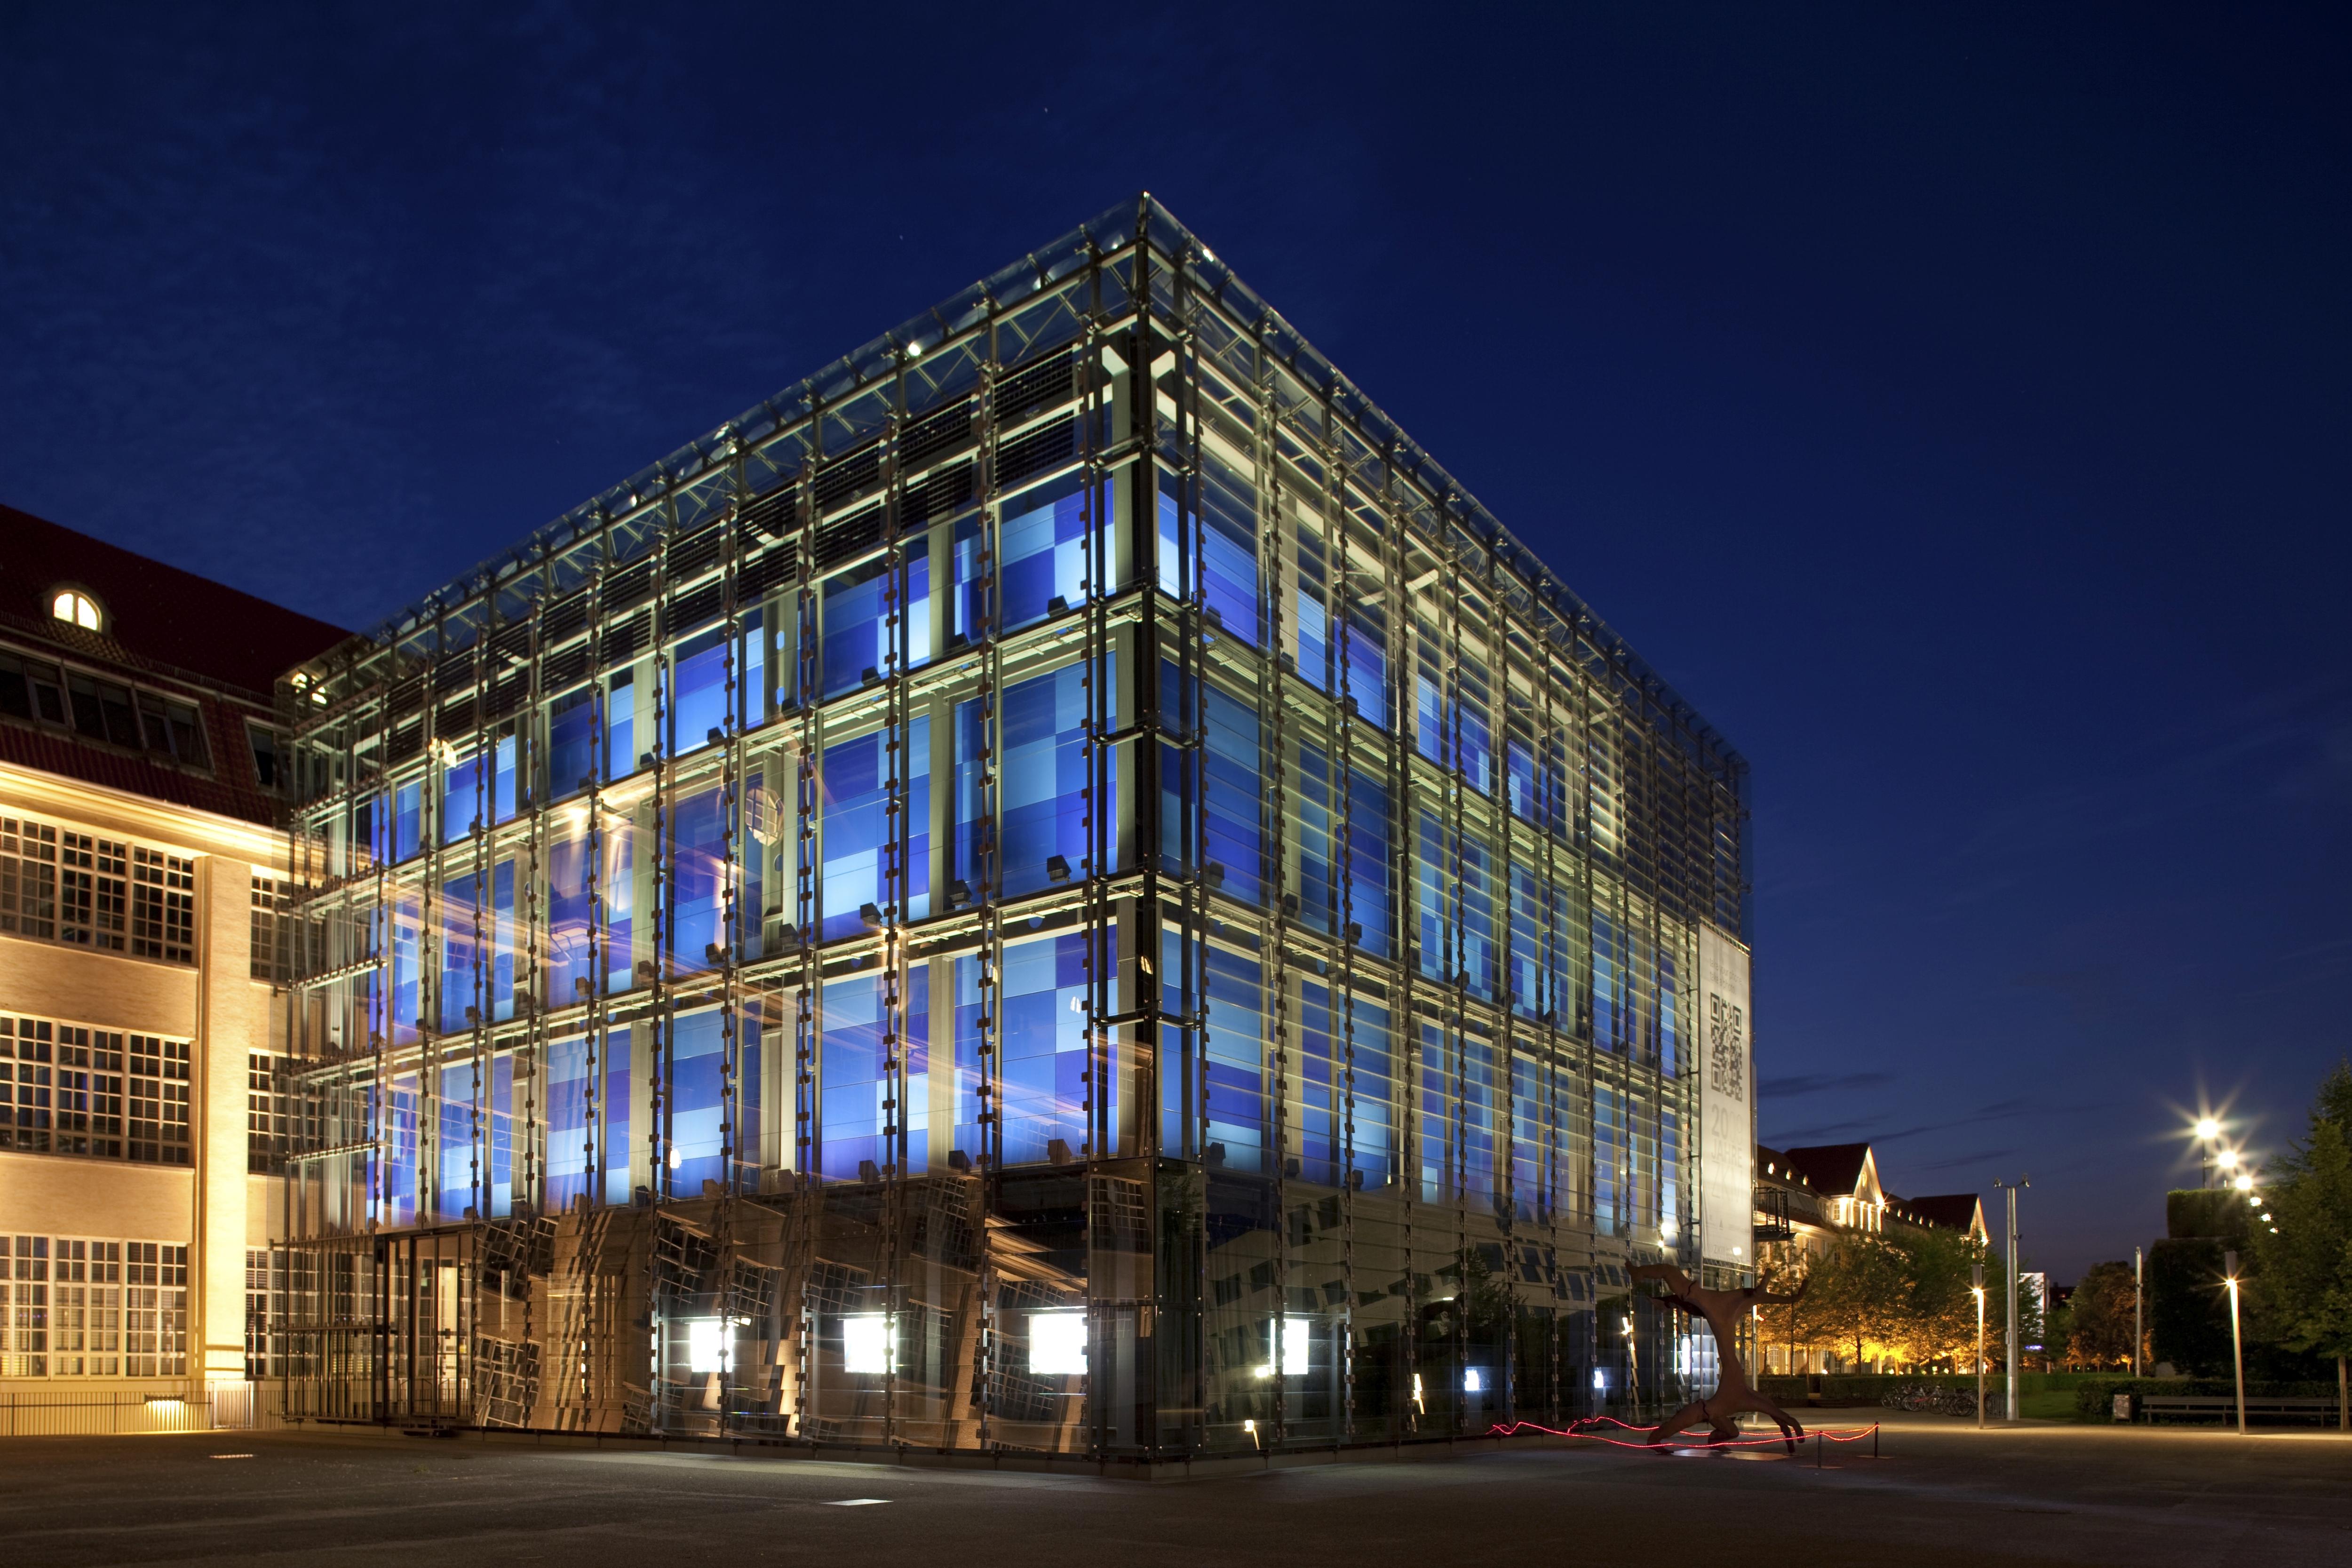 ZKM, Centro de Arte y Medios Tecnológicos de la ciudad alemana de Karlsruhe